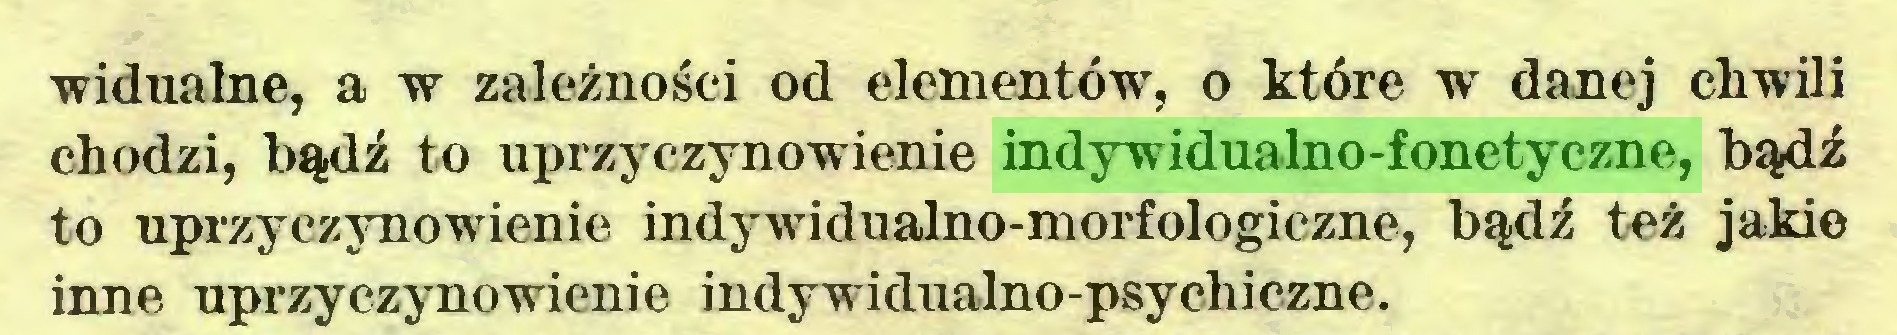 (...) widualne, a w zależności od elementów, o które w danej chwili chodzi, bądź to uprzyczynowienie indywidualno-fonetyczne, bądź to uprzyczynowienie indywidualno-morfologiczne, bądź też jakie inne uprzyczynowienie indywidualno-psychiczne...